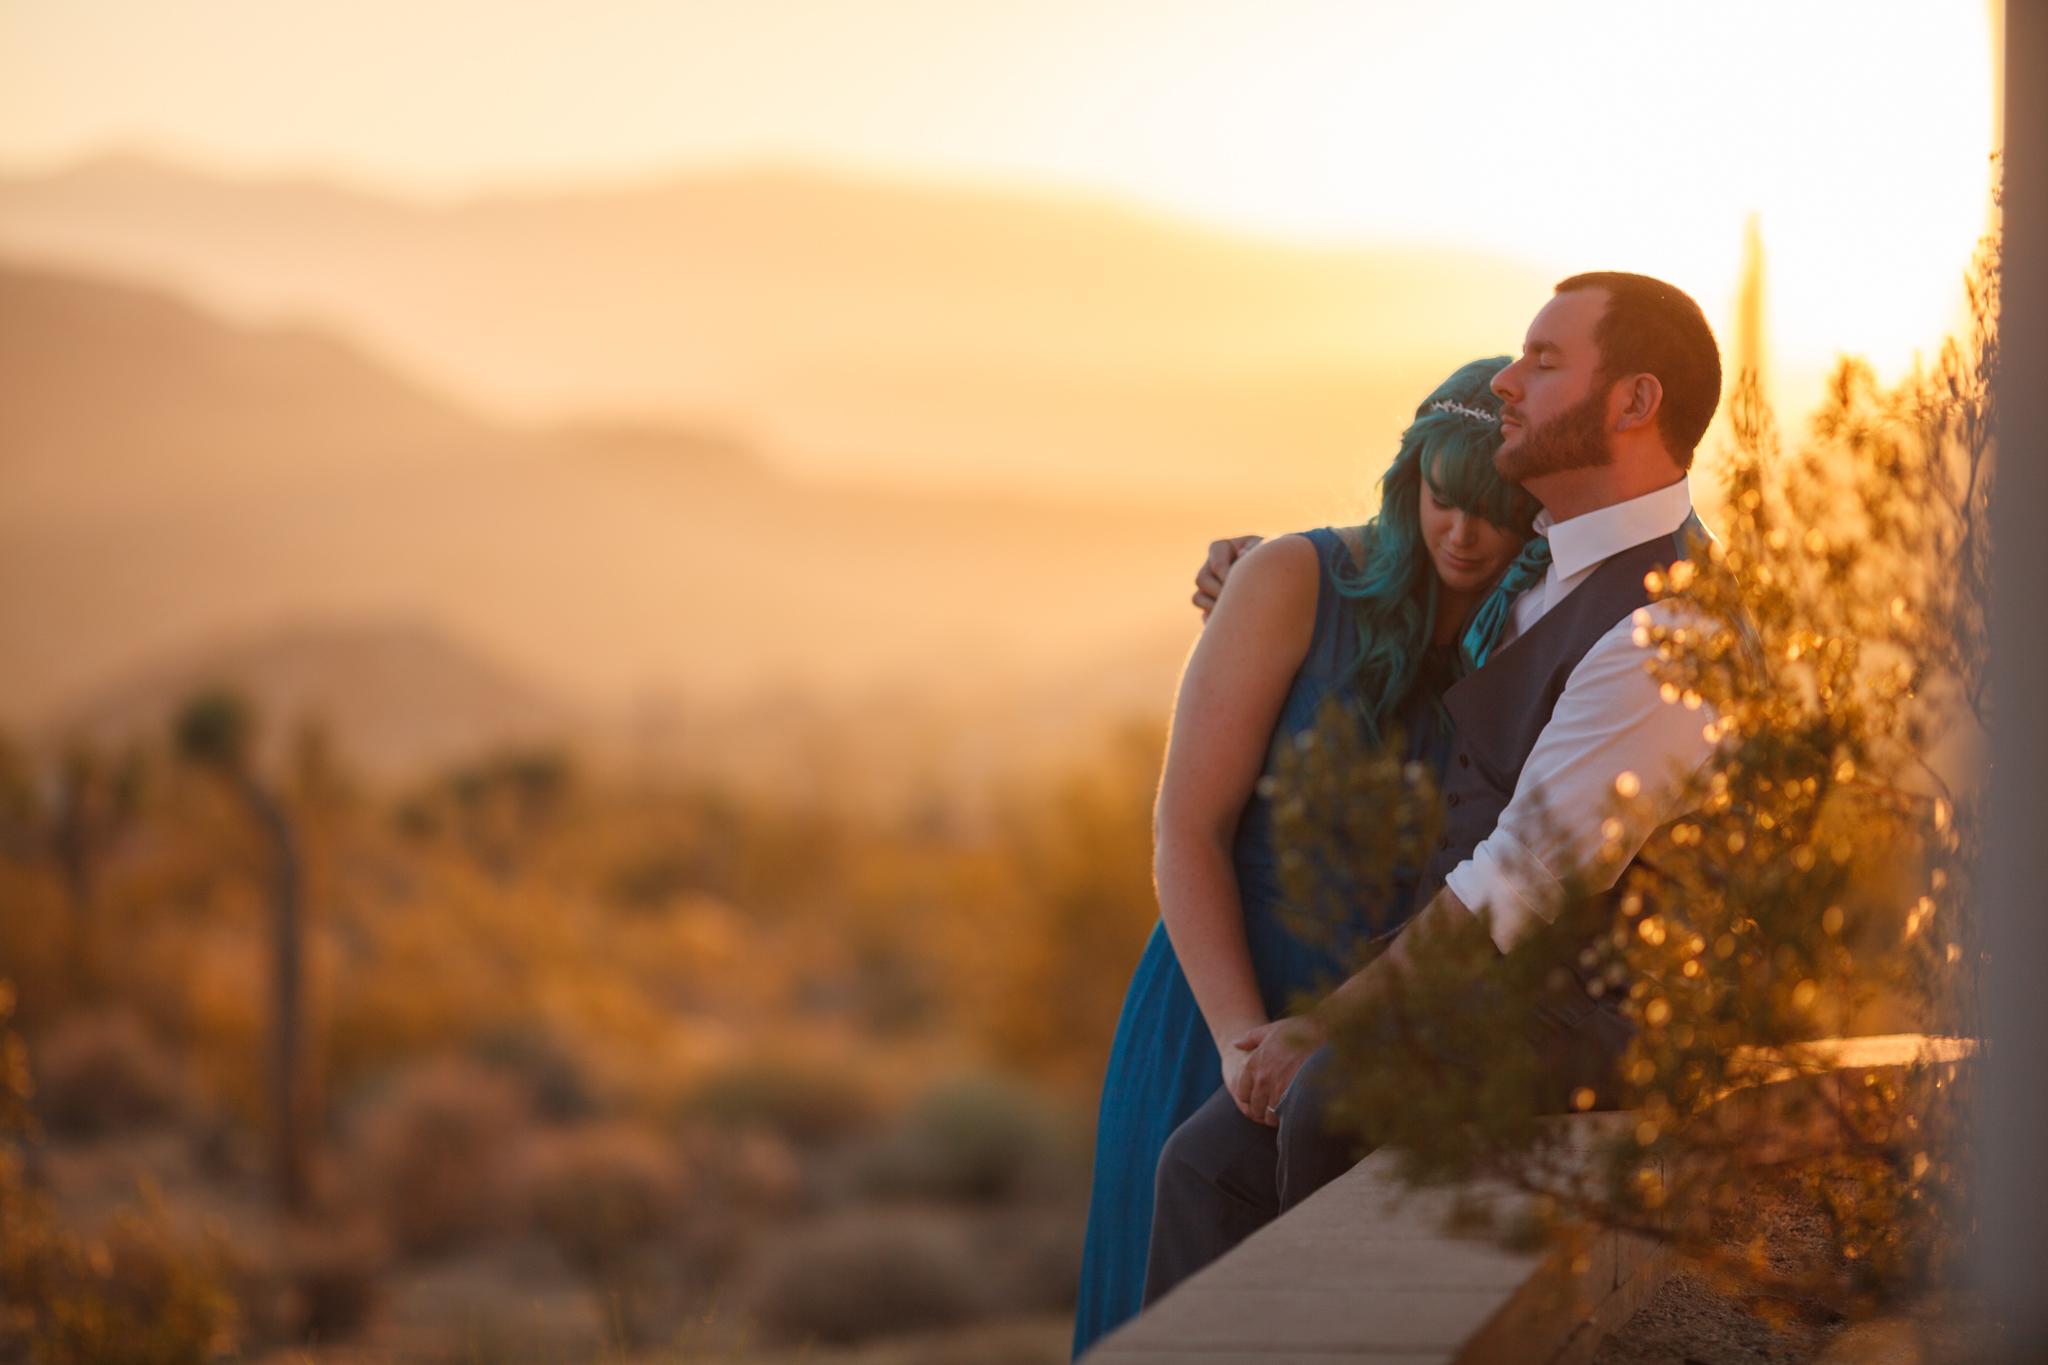 Simon_Rawling_Wedding_Photography-62.jpg